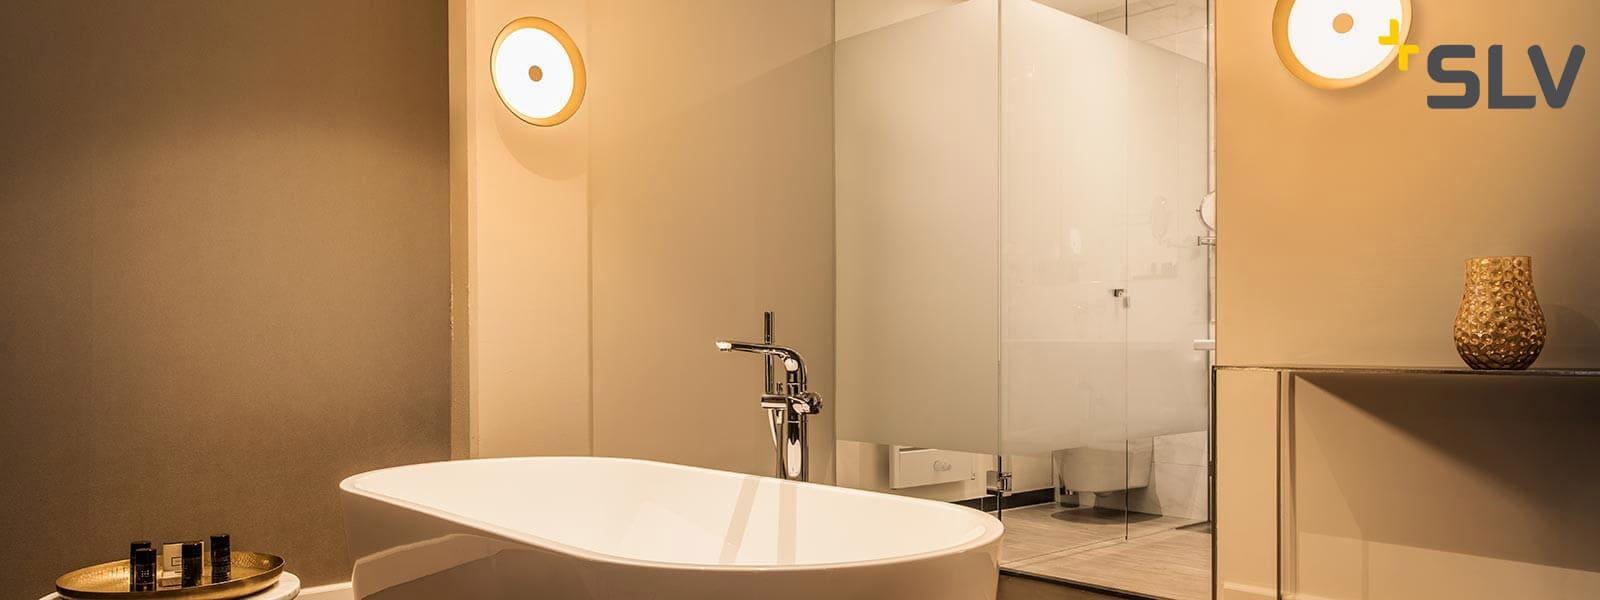 http://www.hulpbijverlichting.nl/documenten/image/hulp-bij-verlichting-lichtplan-maken-voor-een-badkamer-03.jpg